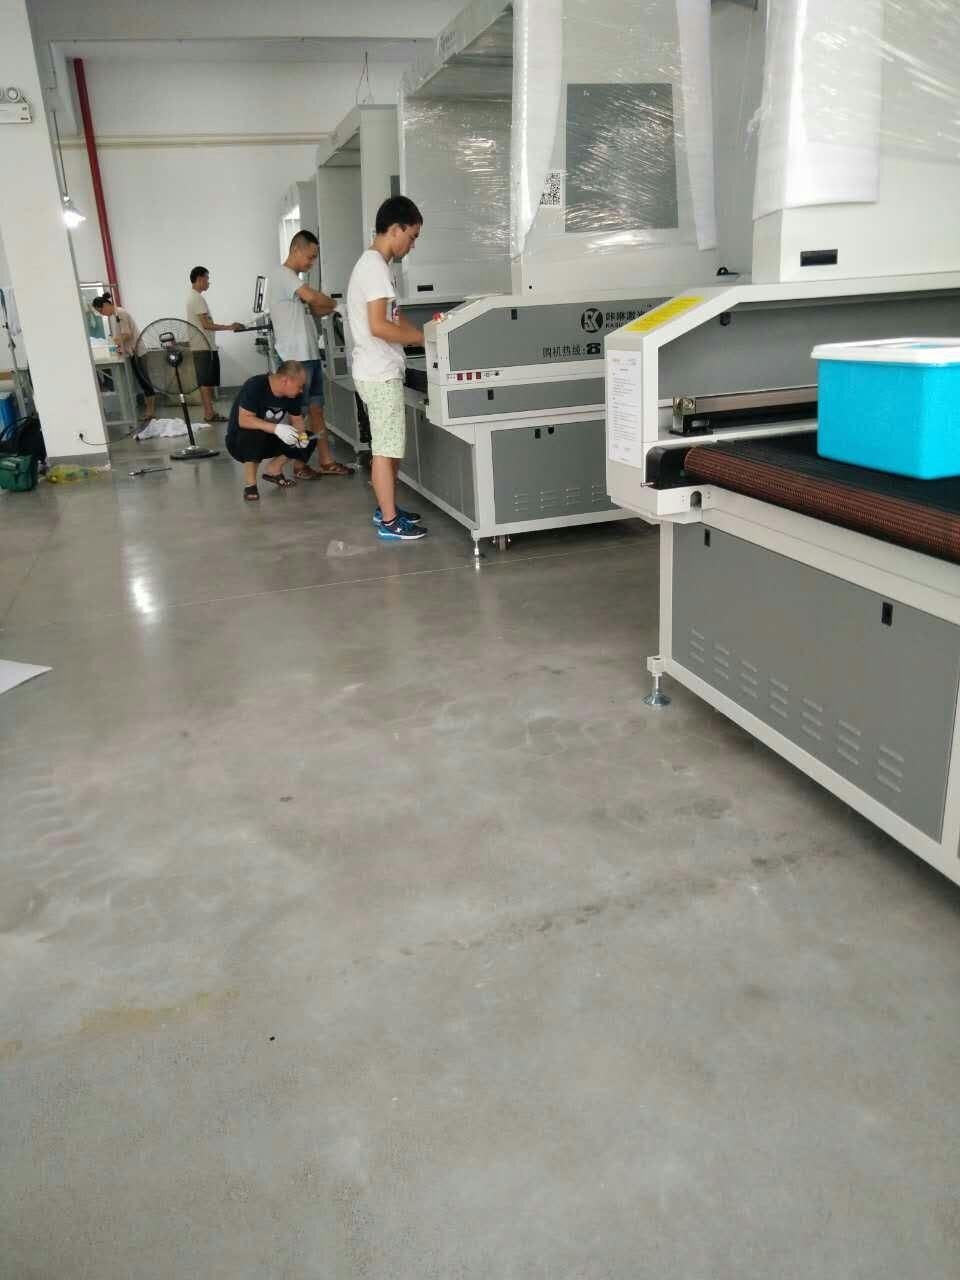 上海咔咻激光裁剪机一站式采购,高端定制激光切割机到底哪家好服